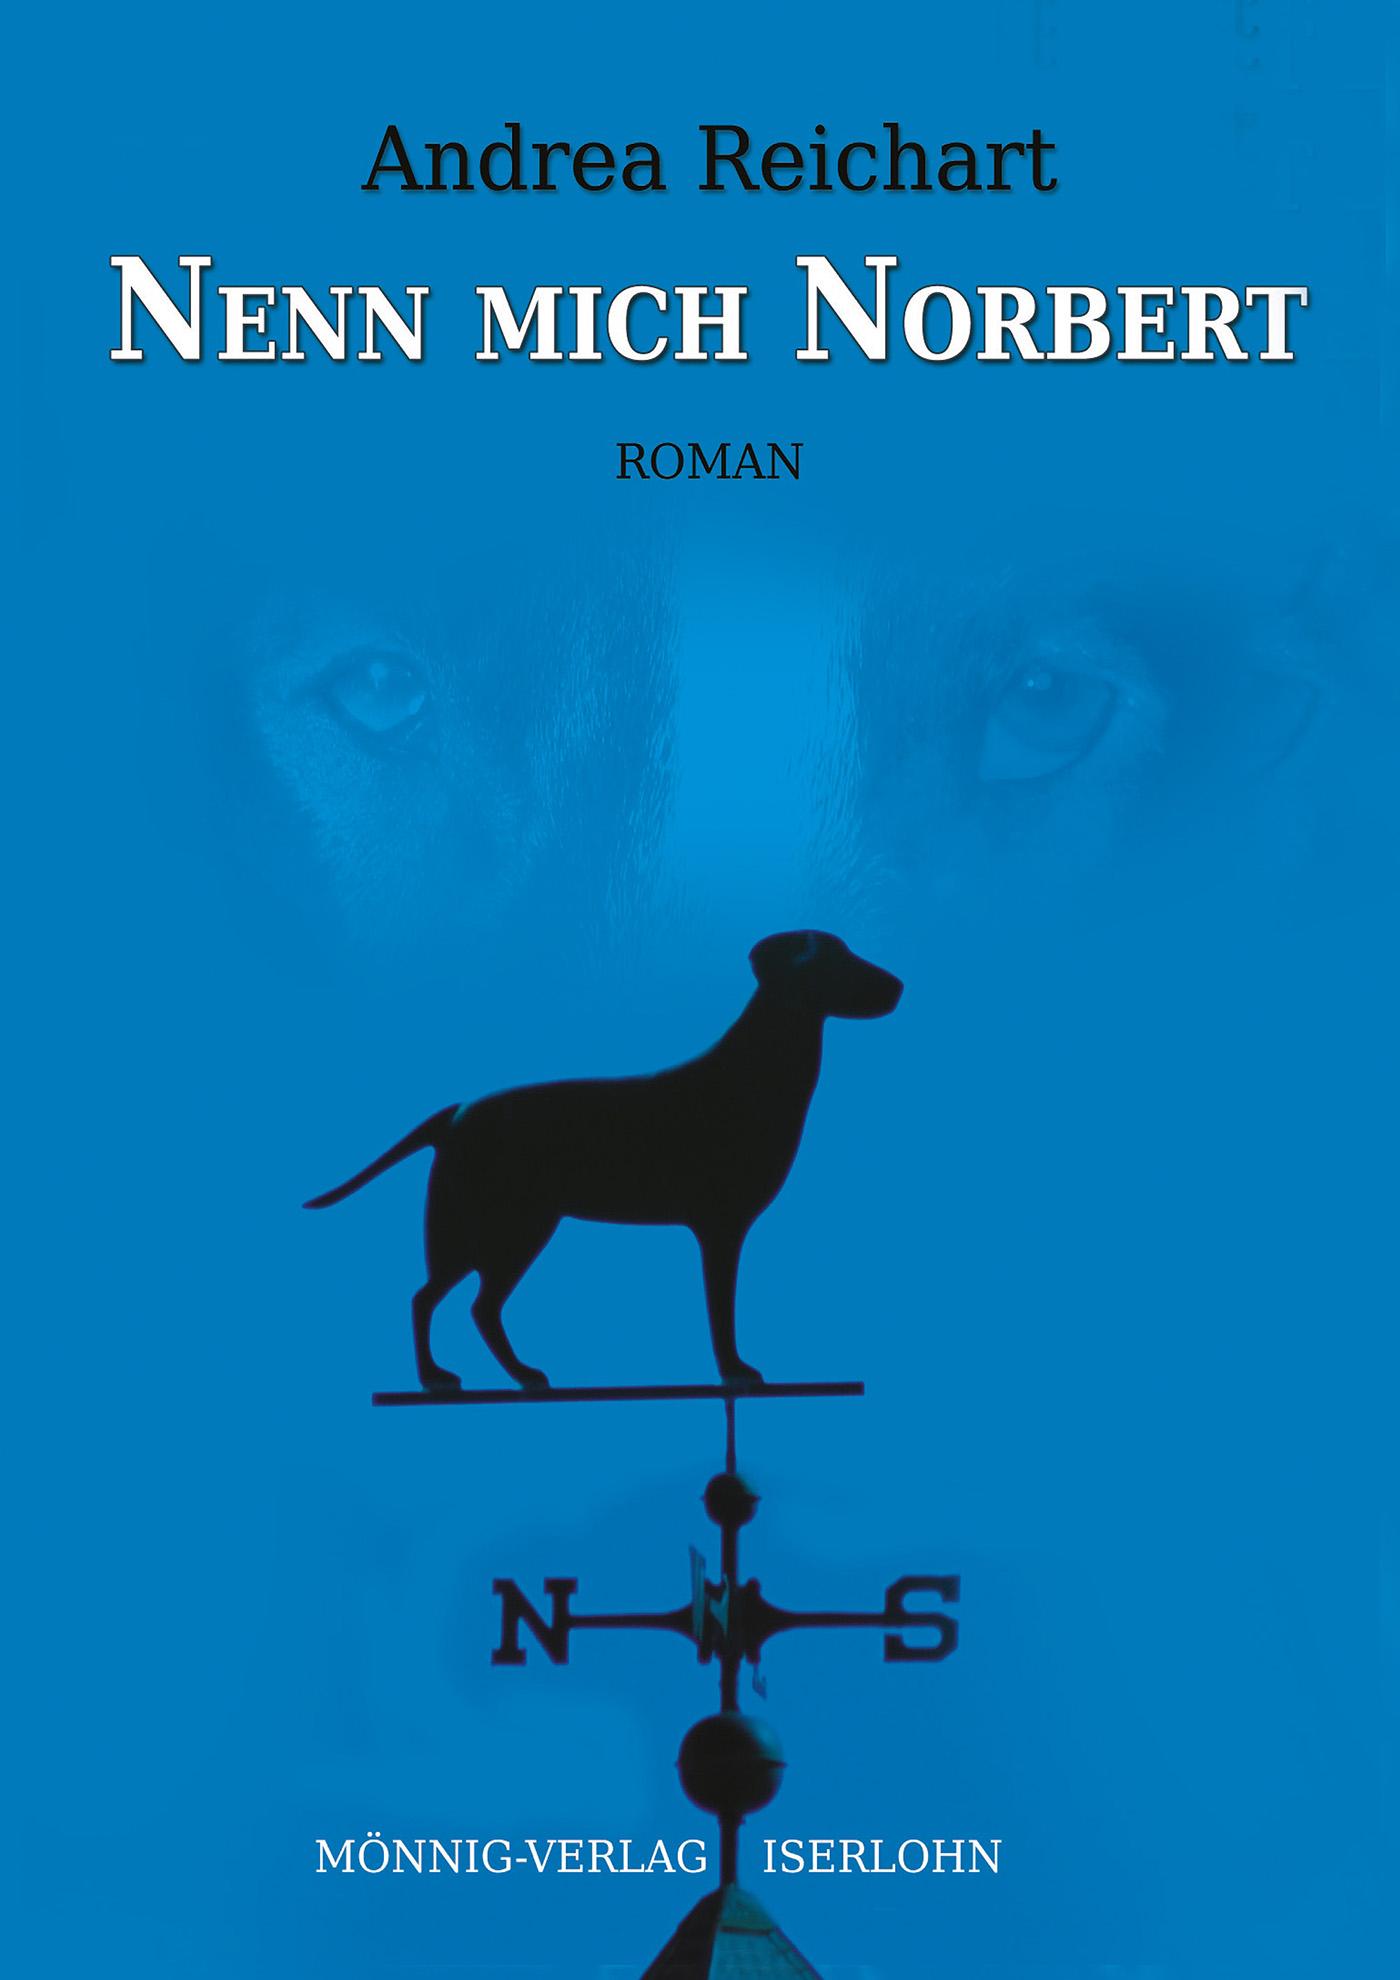 Nenn mich Norbert - Andrea Reichart [Broschiert]